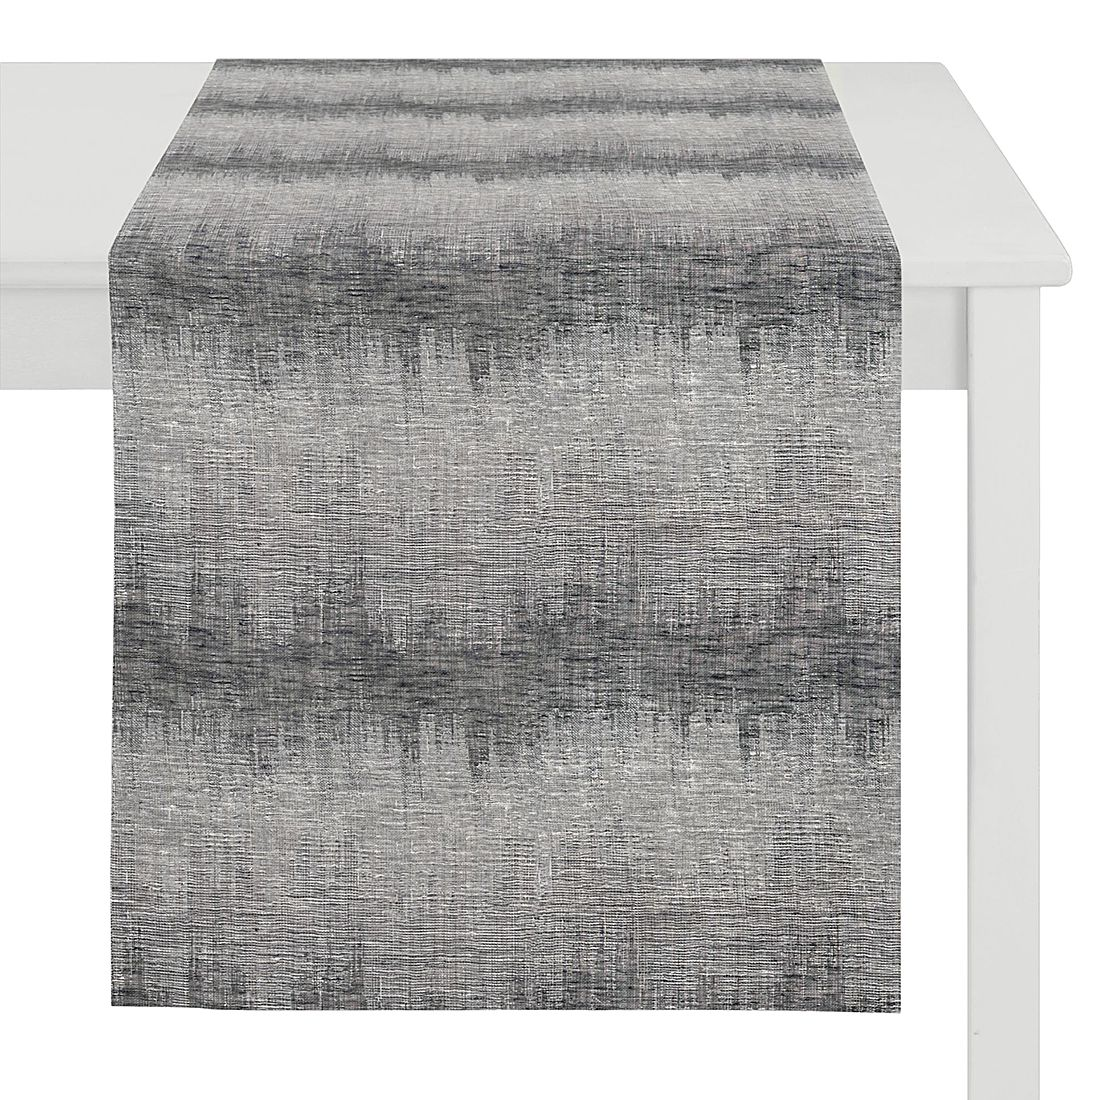 Tischläufer Loft II, Apelt jetzt kaufen